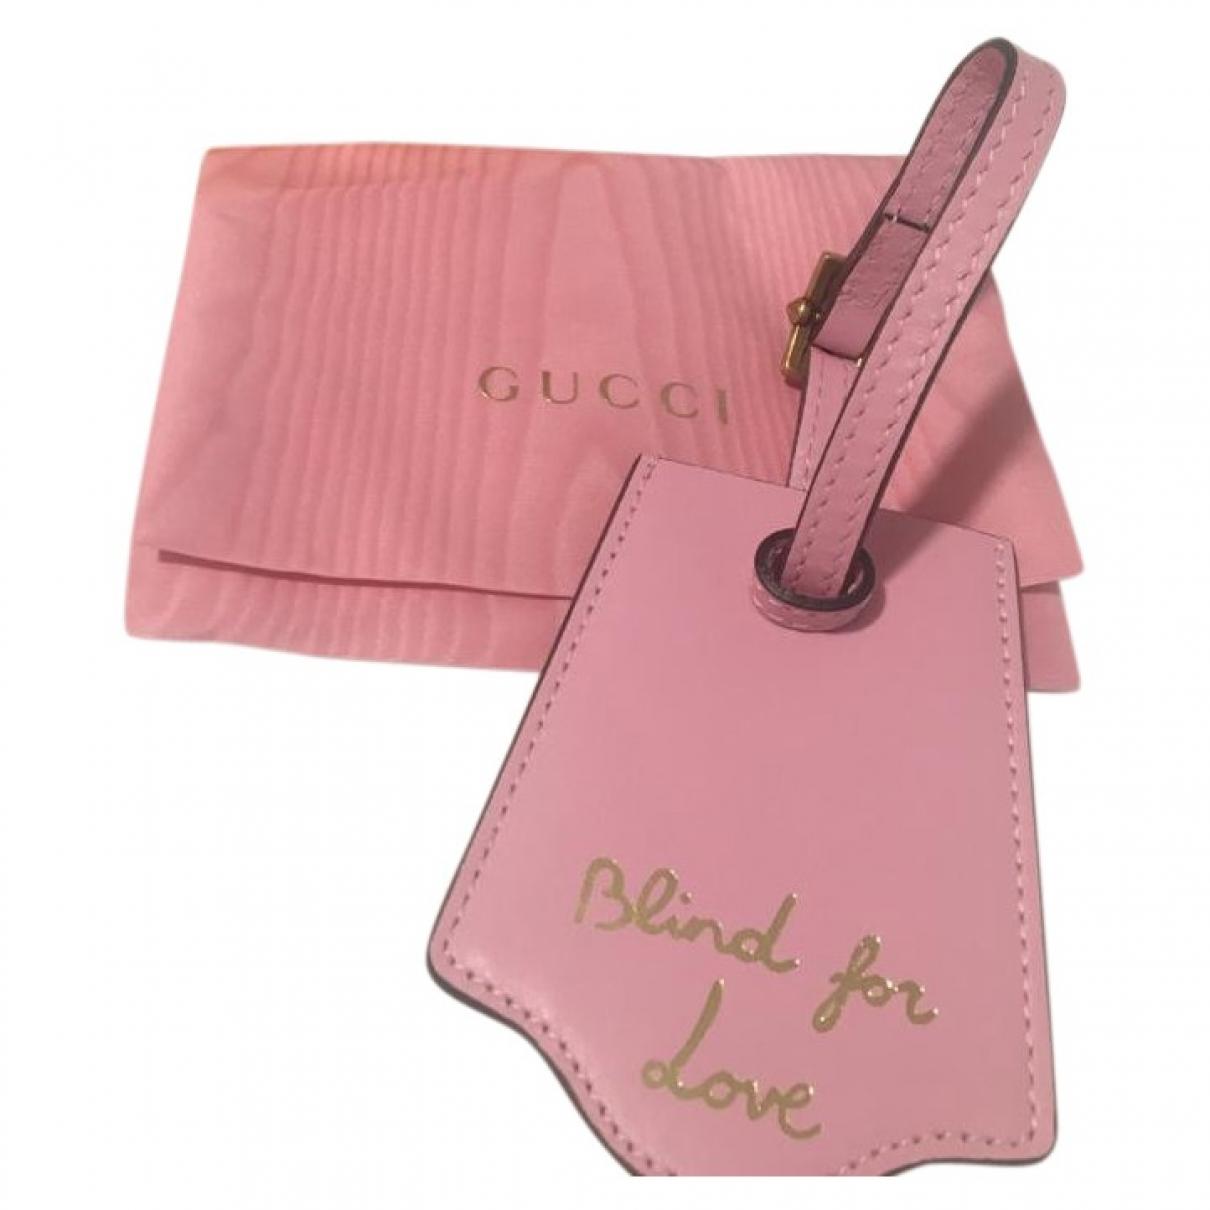 Gucci - Petite maroquinerie   pour femme en cuir - rose